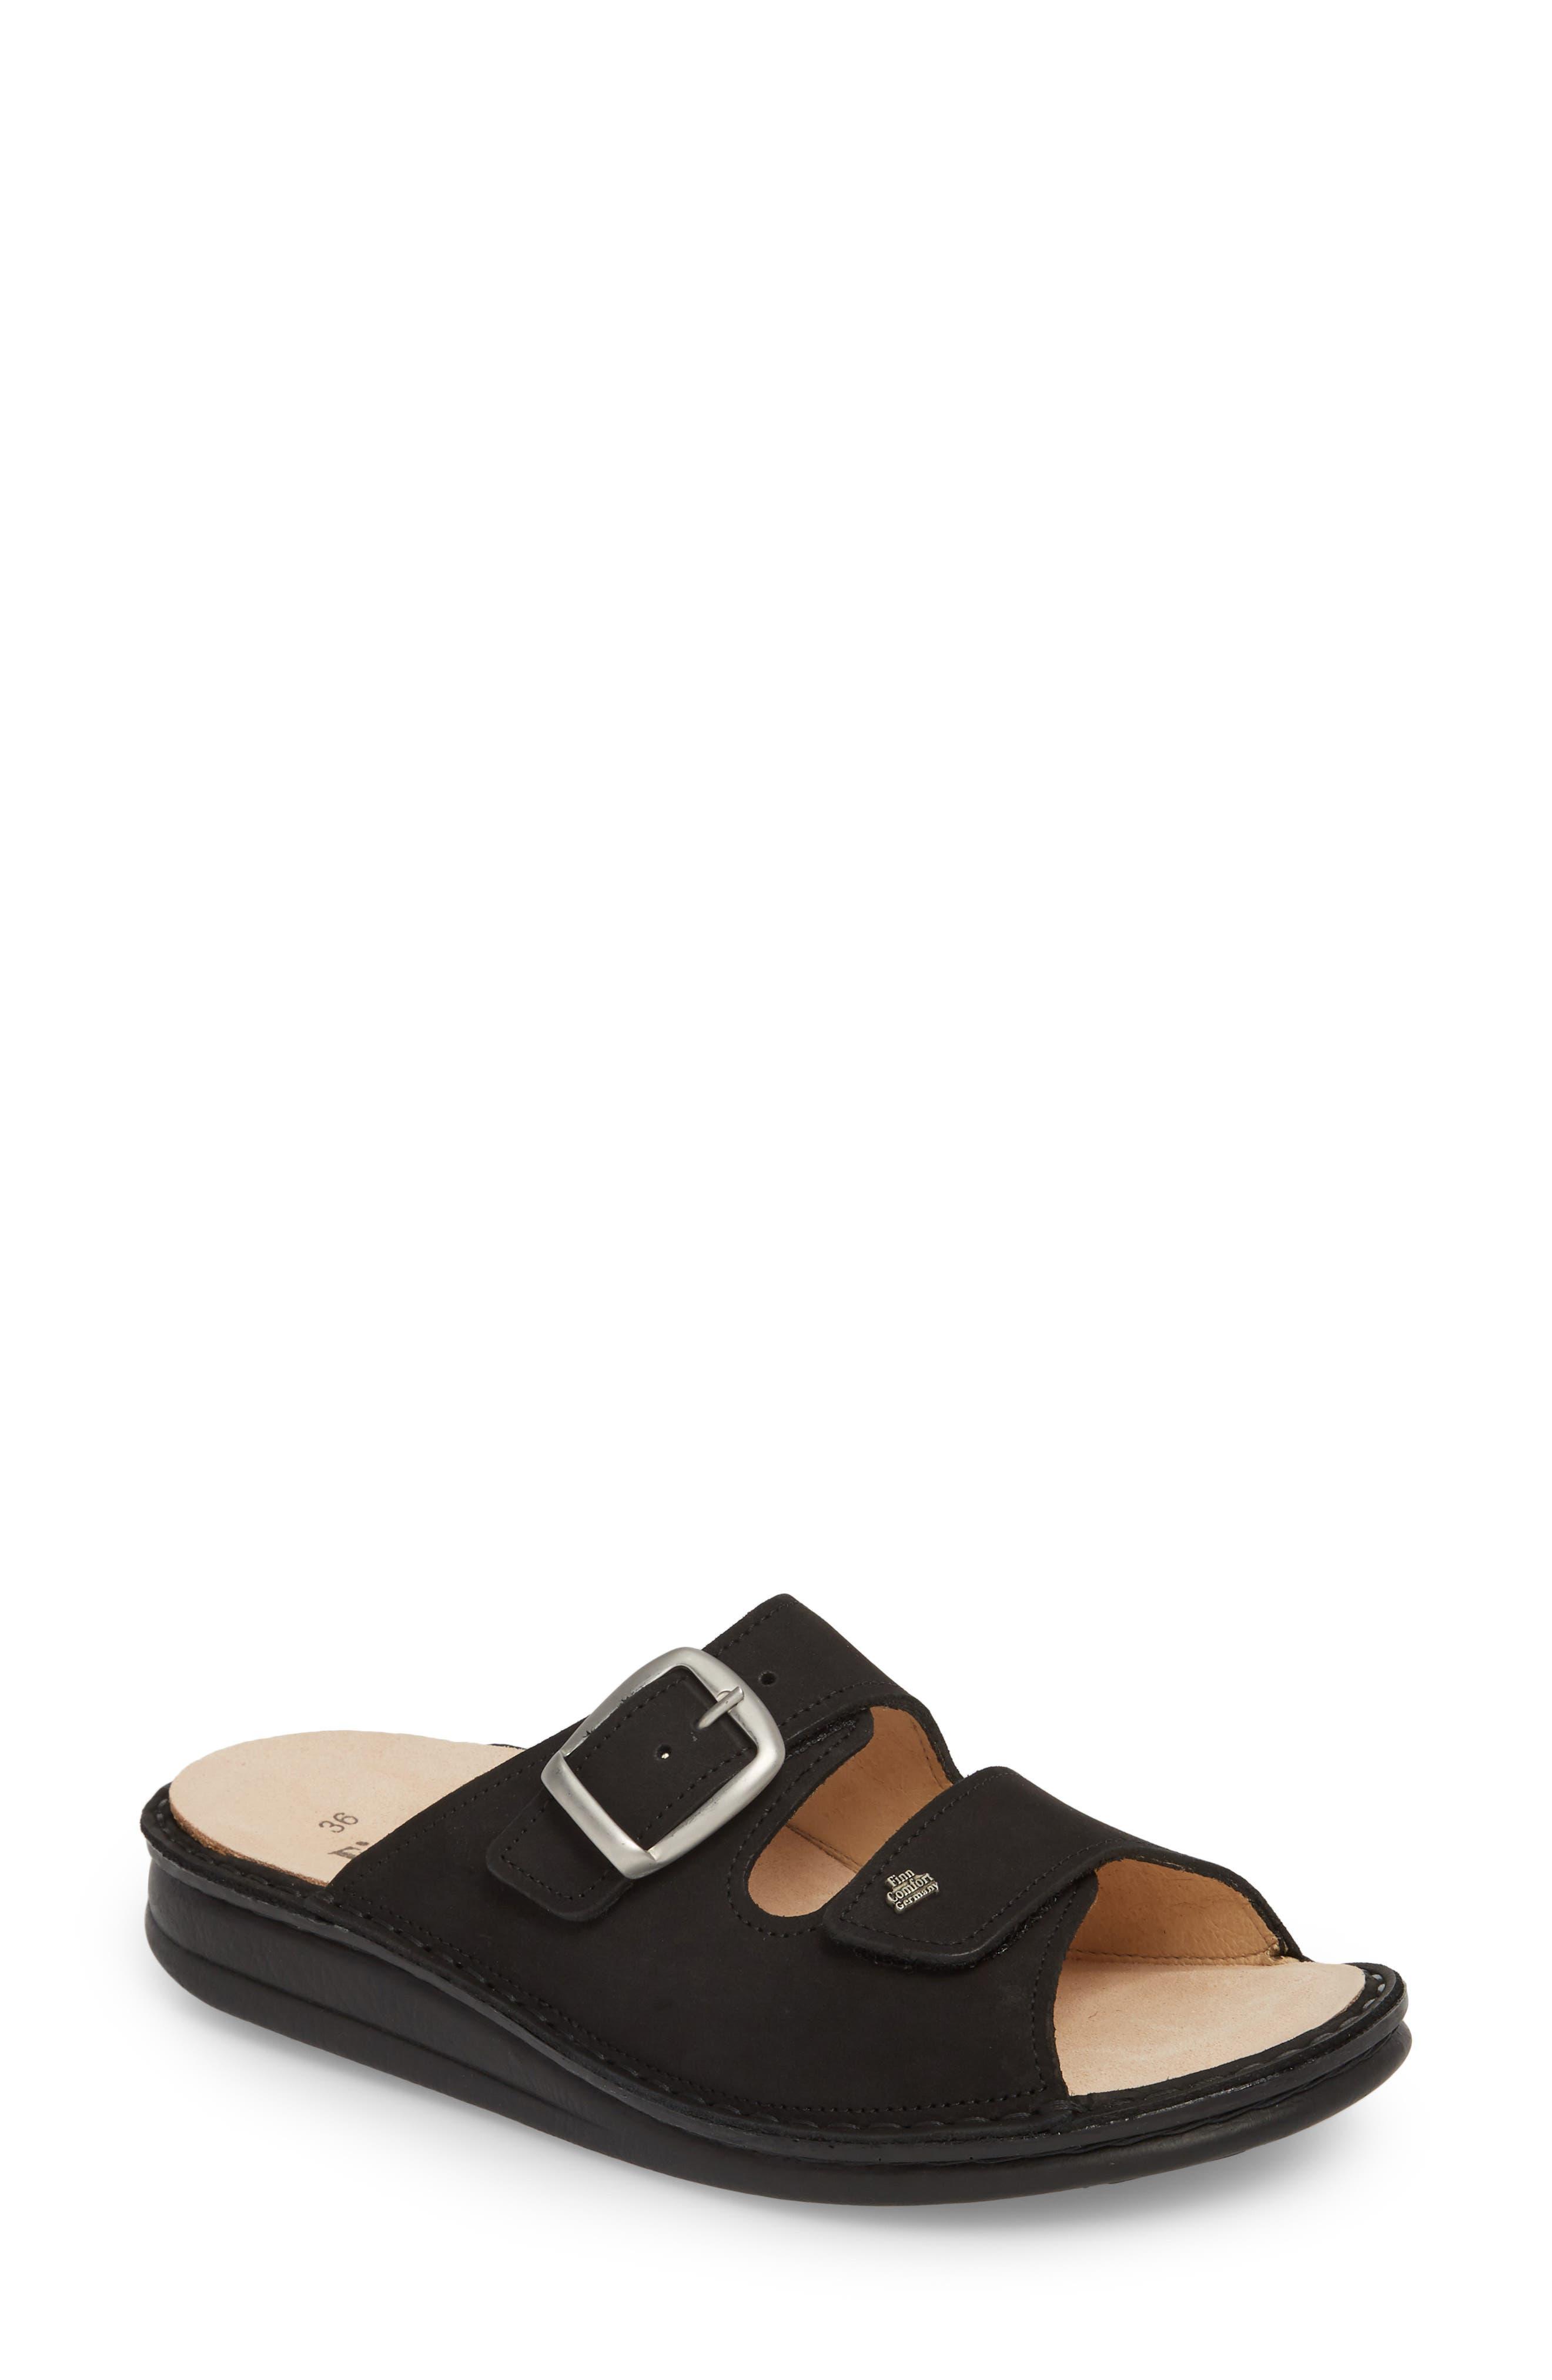 FINN COMFORT Harper Slide Sandal, Main, color, 001